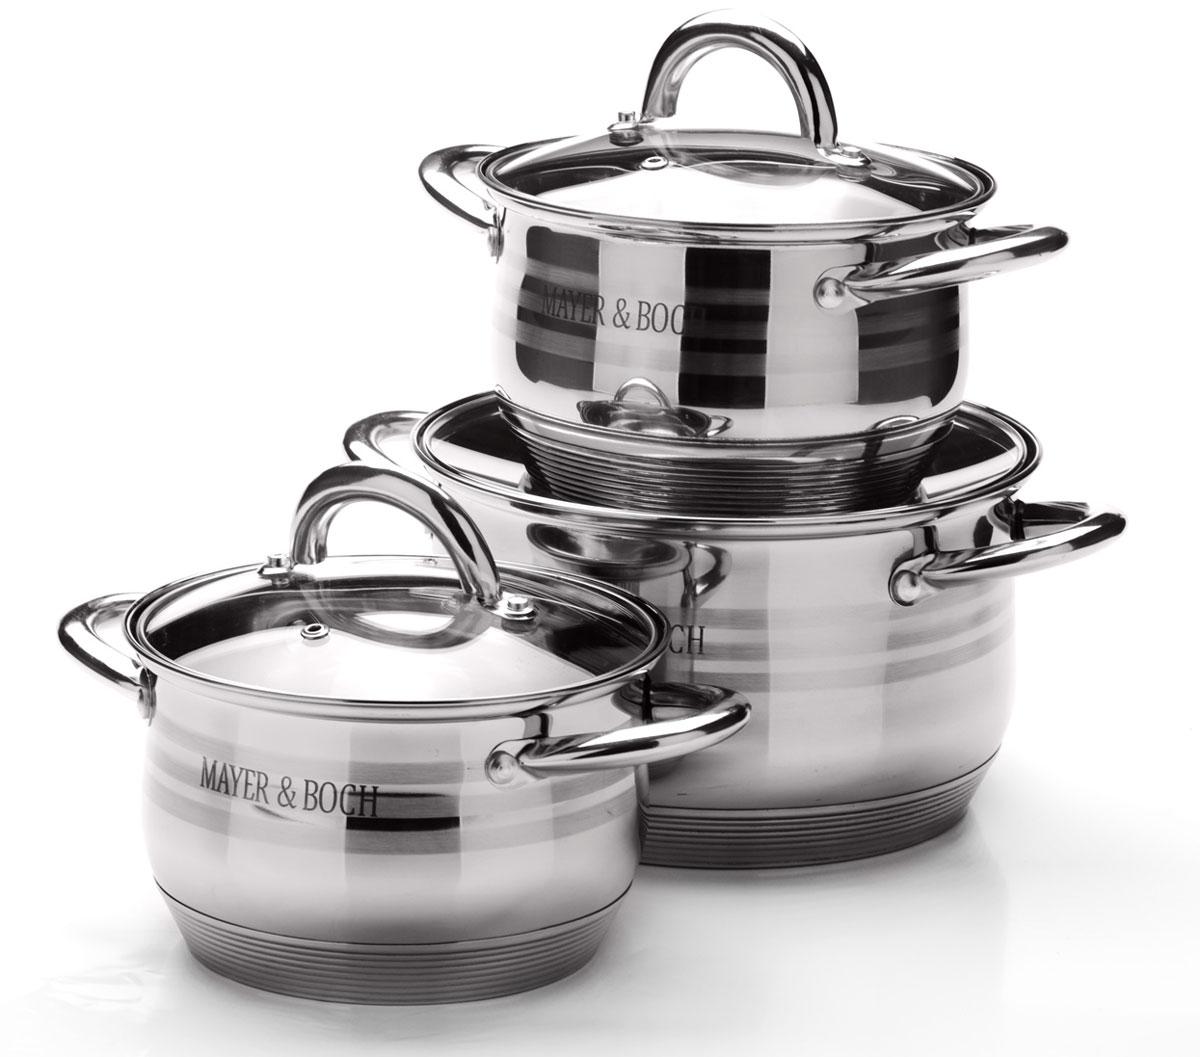 Набор посуды Mayer & Boch, 6 предметов. 25668CM000001326Набор посуды станет отличным дополнением к набору кухонной утвари. С его приобретением приготовление ваших любимых блюд перейдет на качественно новый уровень и вы сможете воплотить в жизнь любые кулинарные идеи. В комплект входят 6 предметов: 3 кастрюли (объем 2,1/ 2,1/ 3,9), 3 крышки. Набор многофункционален и удобен в использовании, подойдет для варки супов, приготовления блюд из мяса и рыбы, гарниров, соусов т. д.